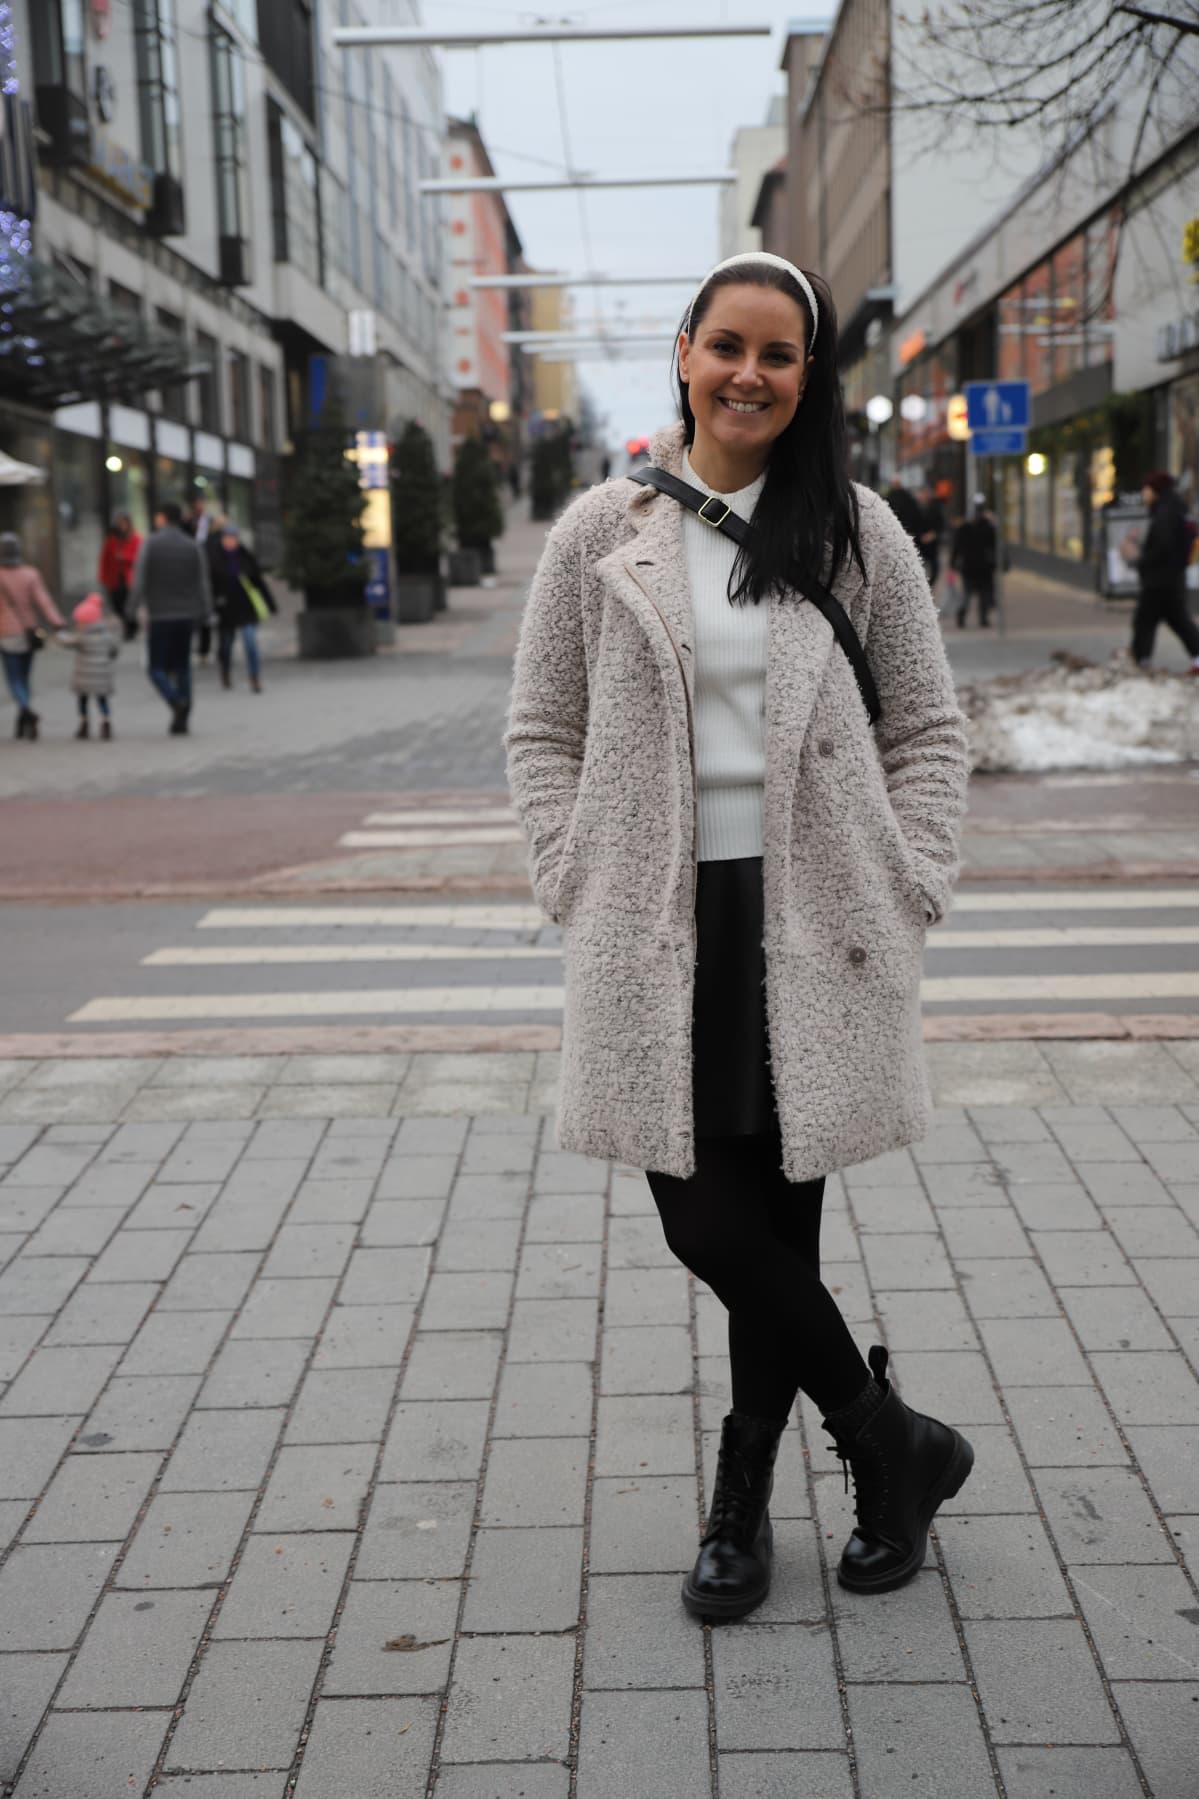 Nuori nainen seisoo kadulla ja hymyilee